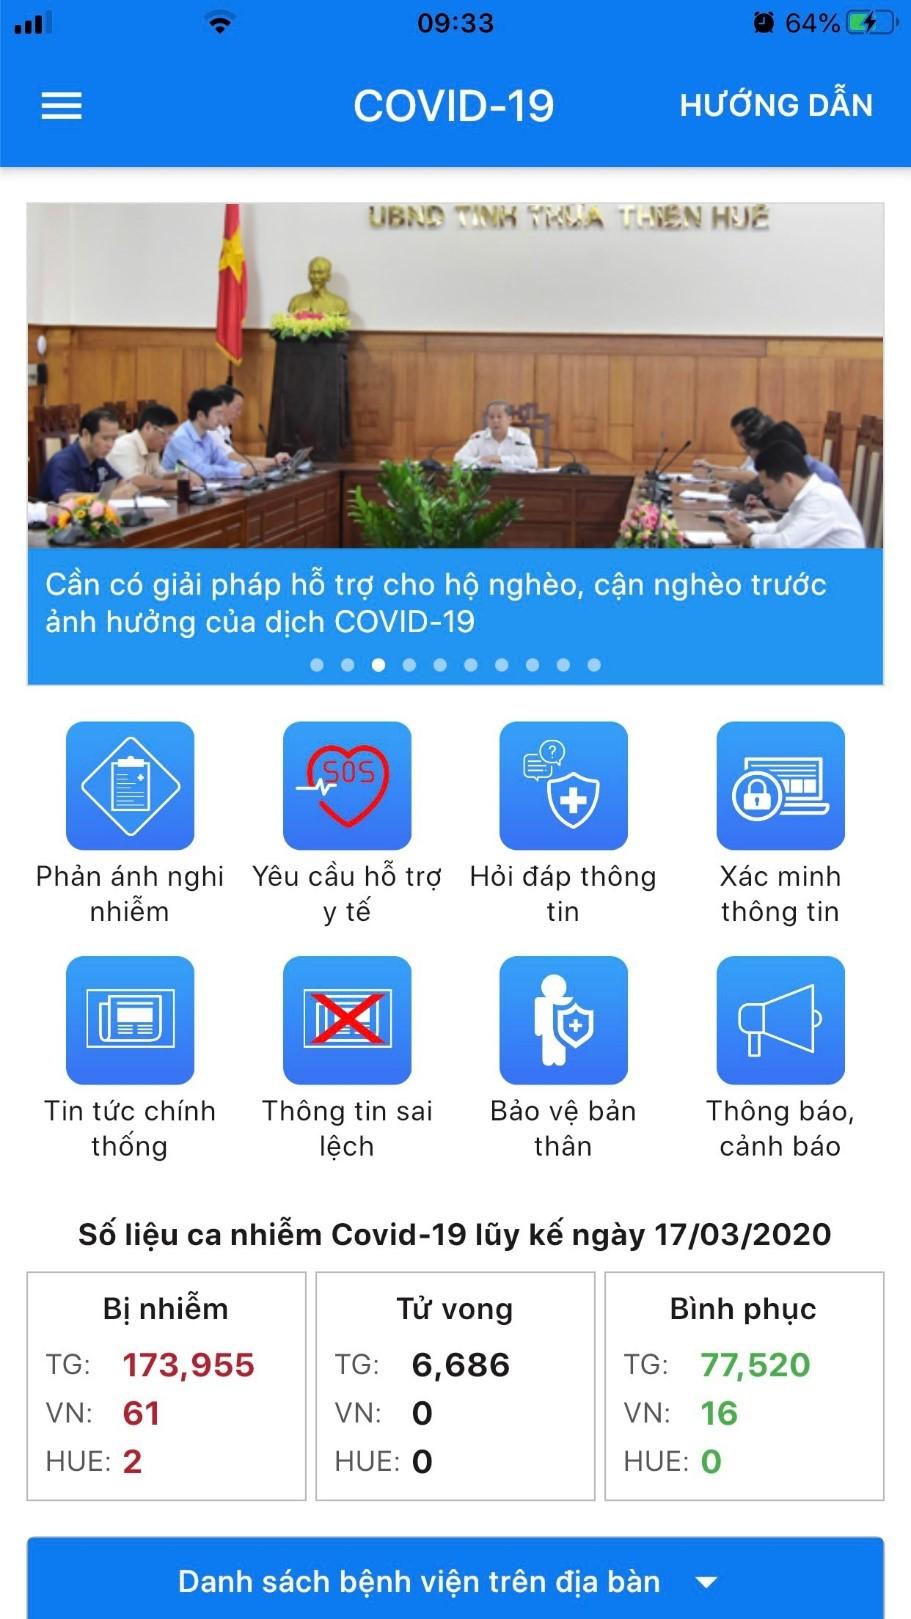 Giao diện ứng dụng COVID-19 của Huế